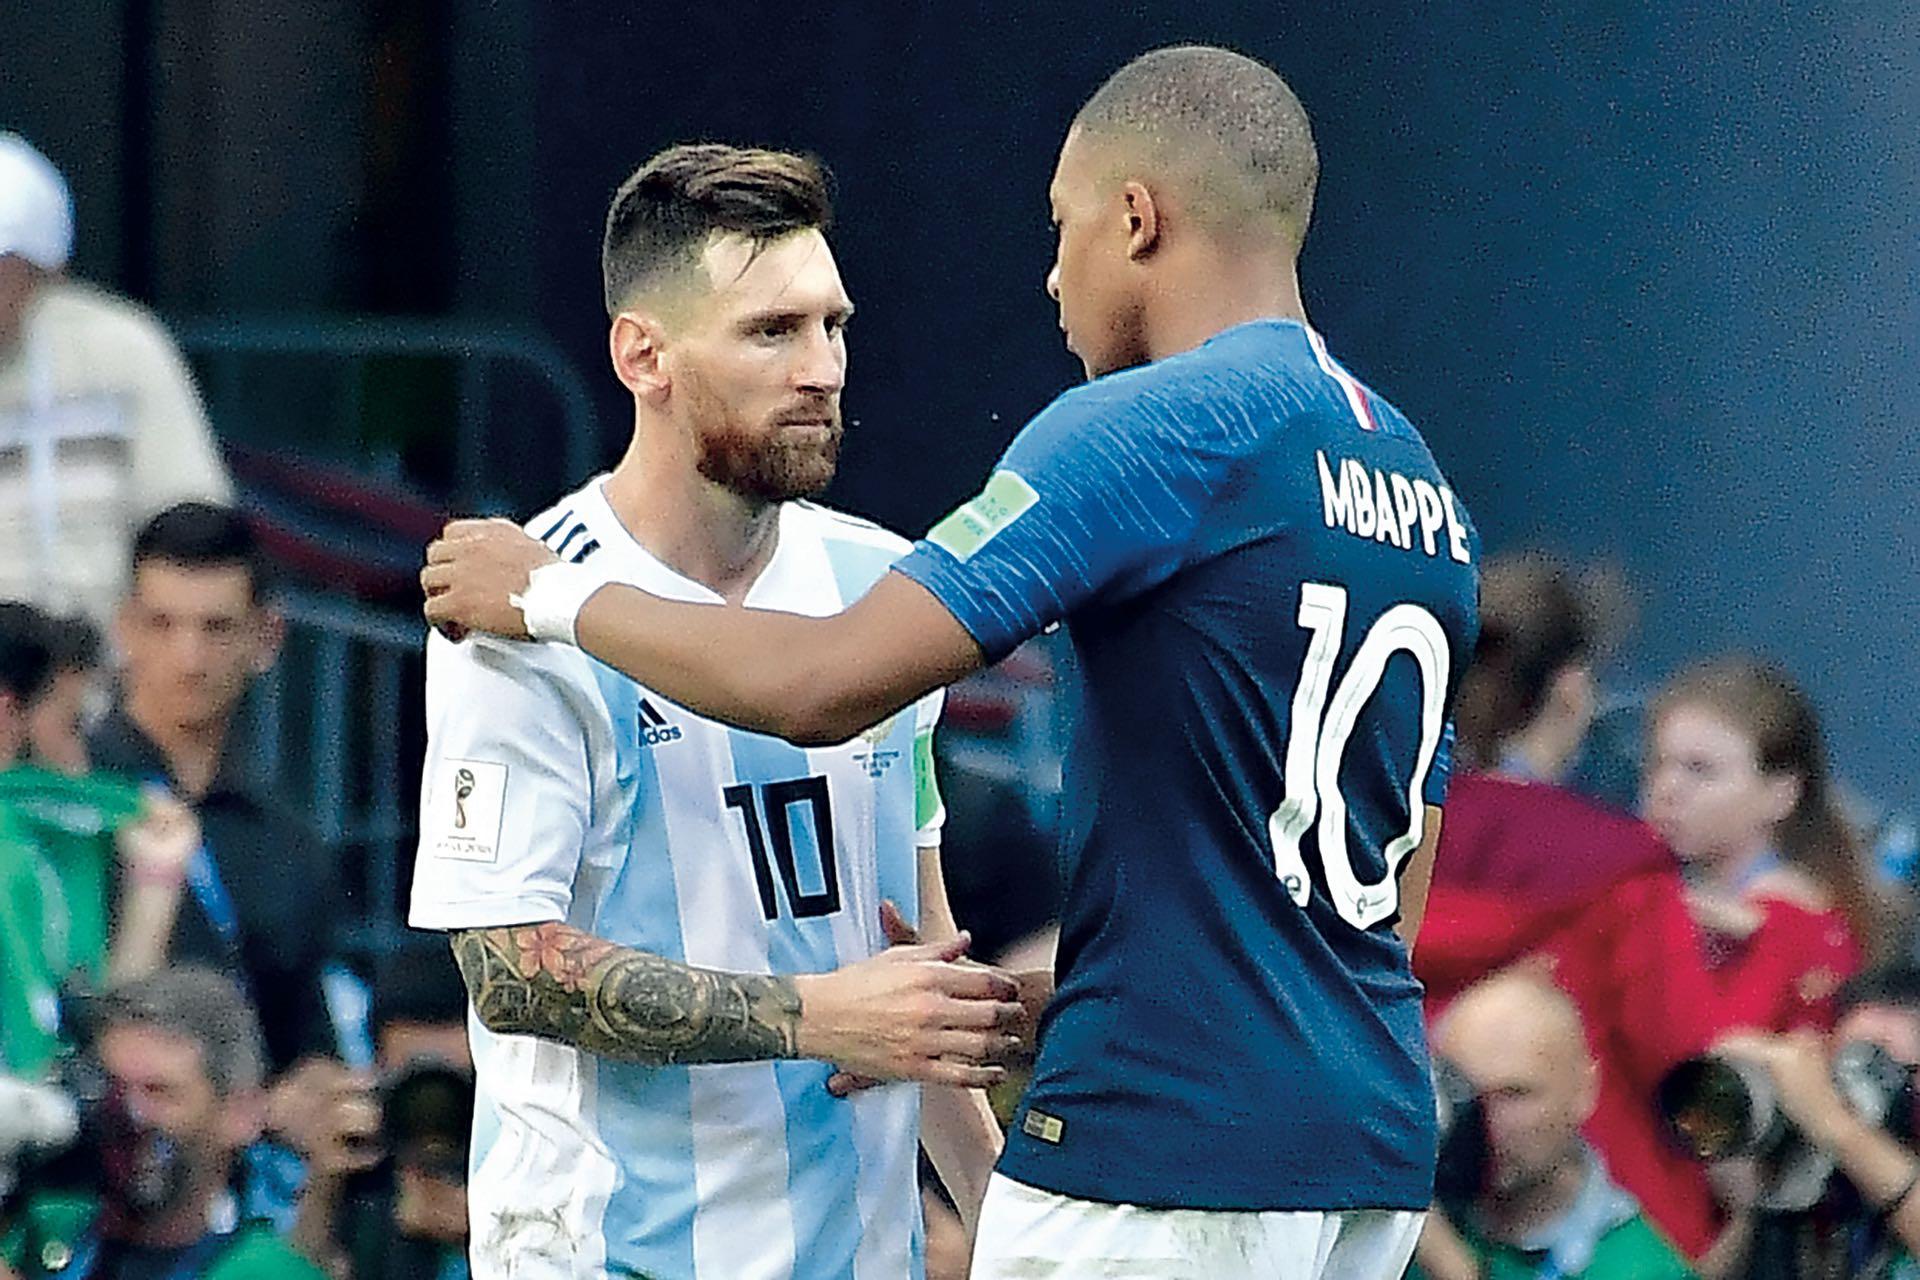 """Después del partido, el """"10"""" argentino y su par francés (Mbappé, brillante talento de 19 años) se saludaron con respeto. El joven galo fue la figura de la cancha."""